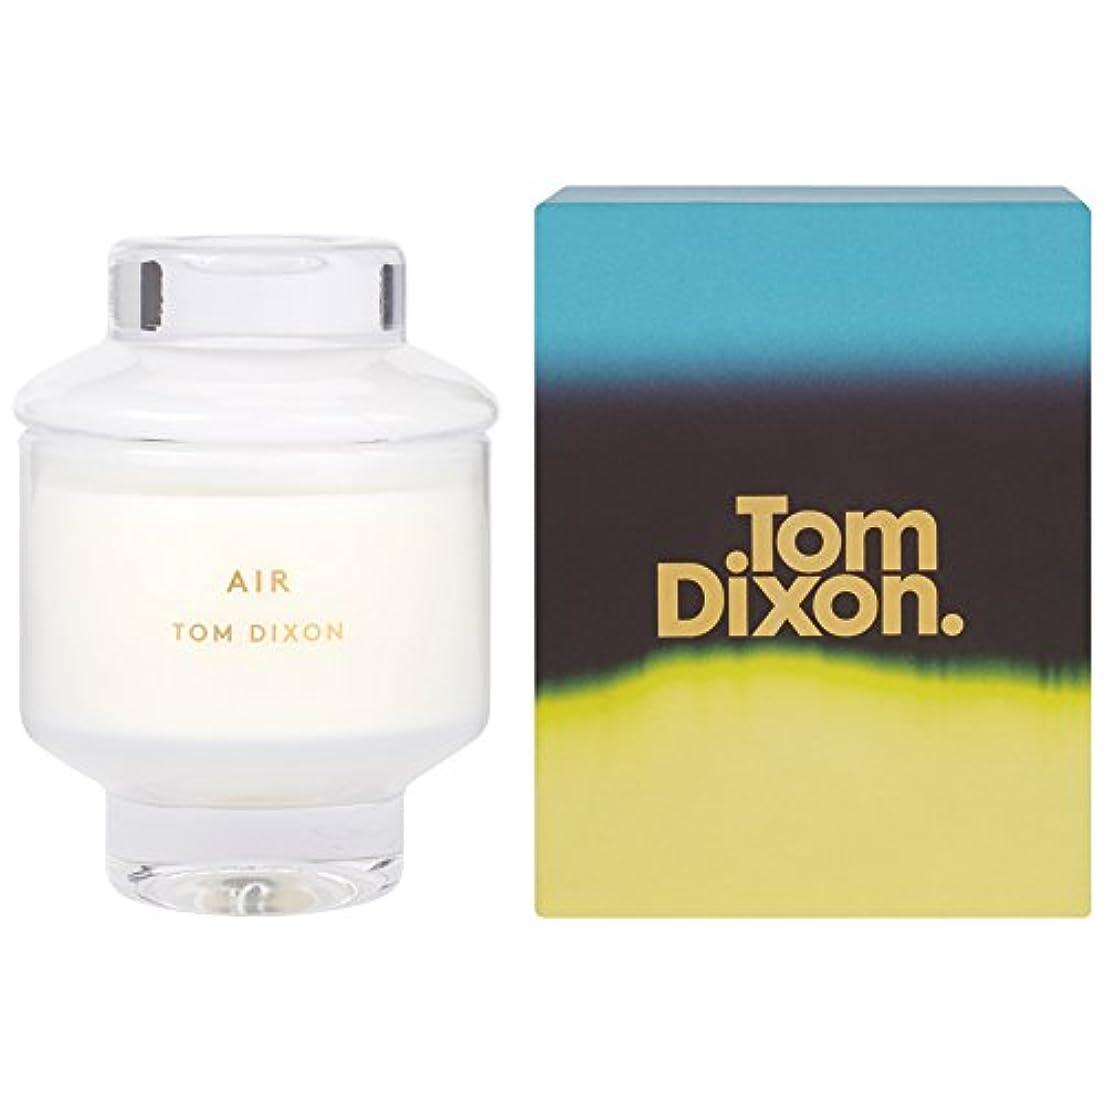 コンピューターゲームをプレイする定規意味トム?ディクソン空気の香りのキャンドル媒体 x6 - Tom Dixon Air Scented Candle Medium (Pack of 6) [並行輸入品]